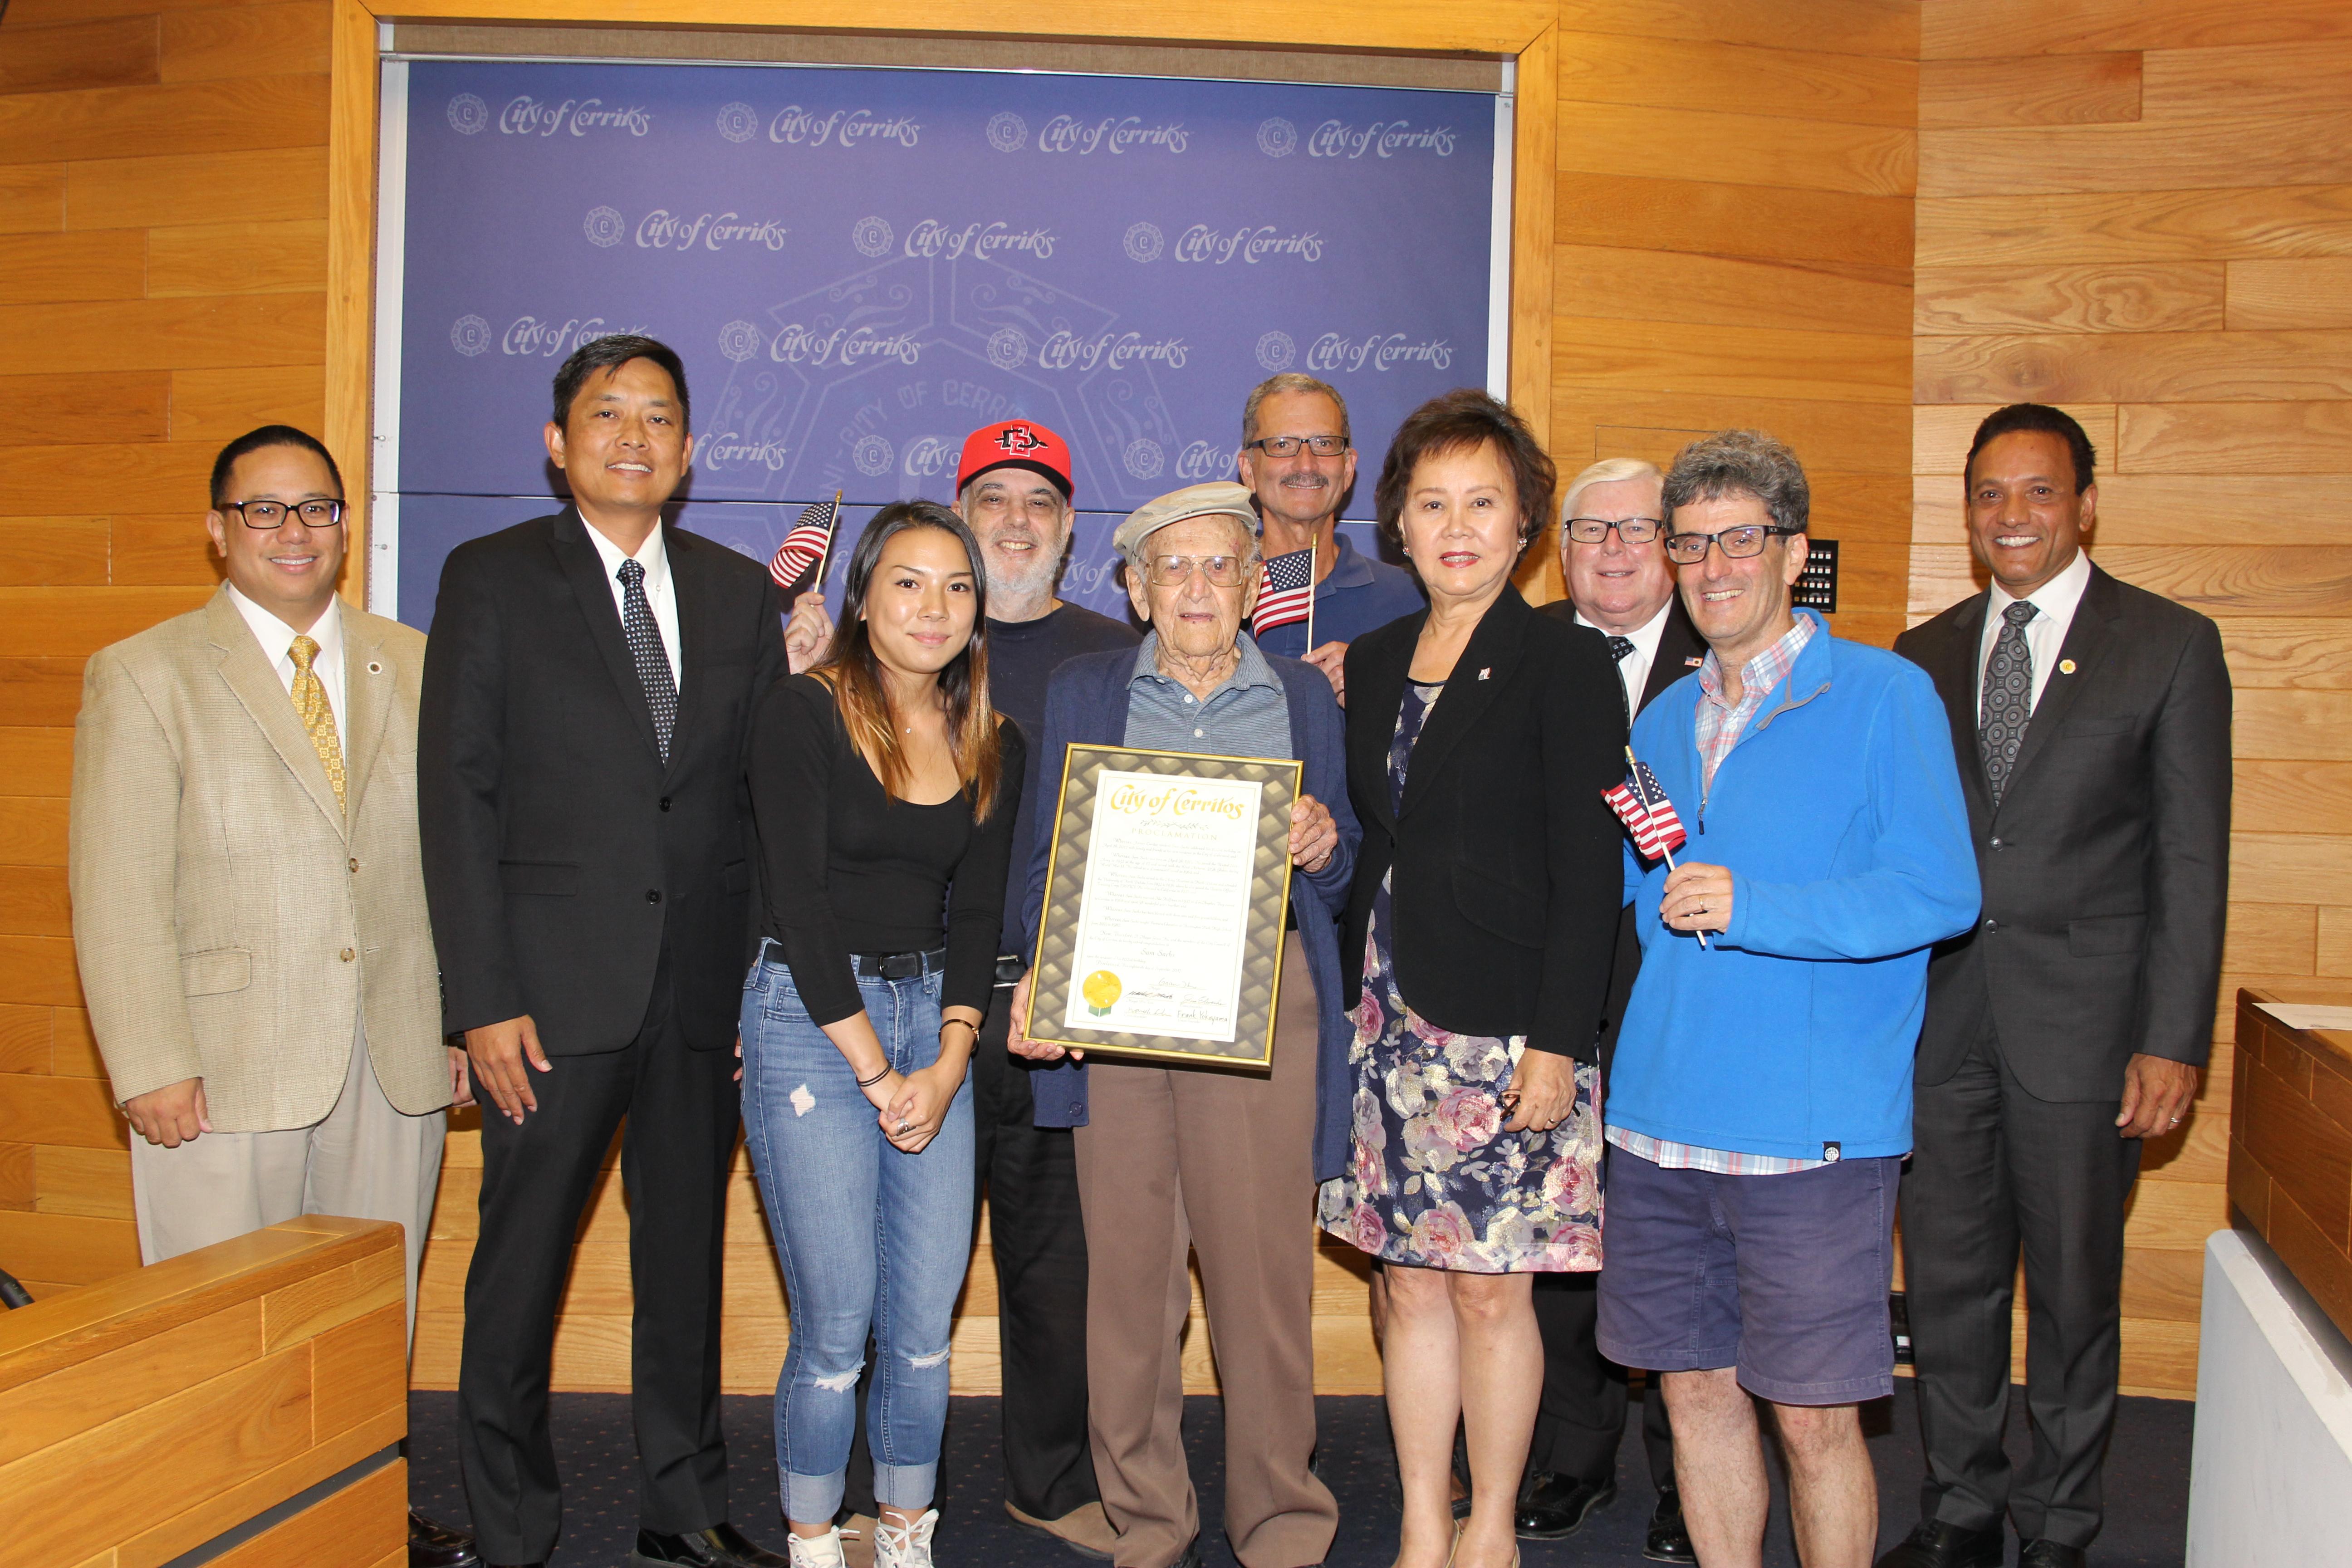 喜瑞都市長胡張燕燕(前排右二)及市議員們為102歲人瑞Sam Sachs(前排左二)頒發賀狀。喜瑞都市提供